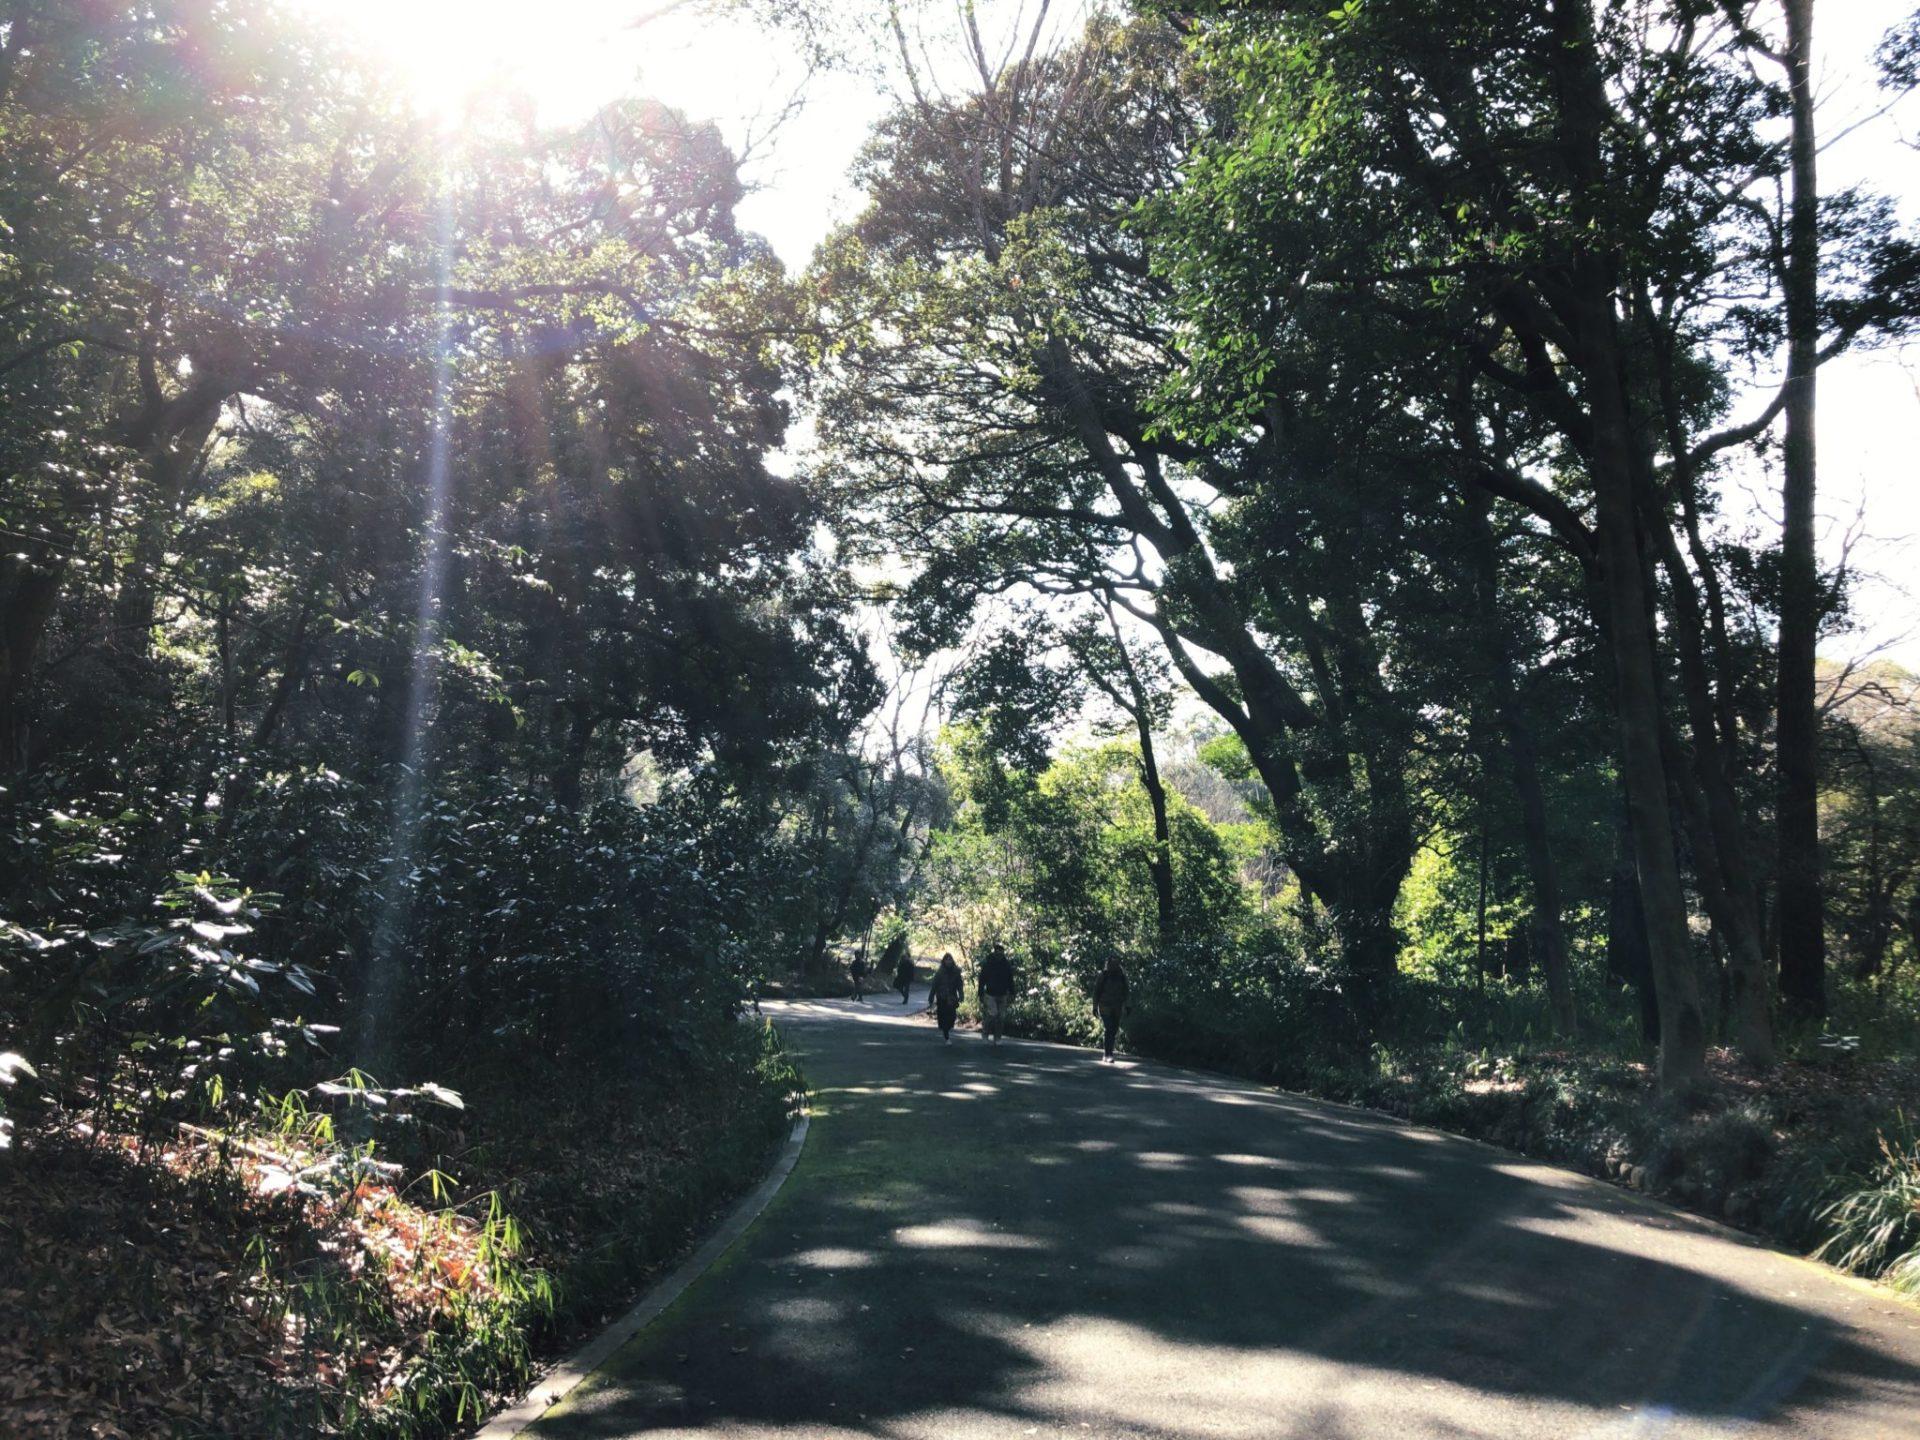 明治神宮の芝生広場に向かう道